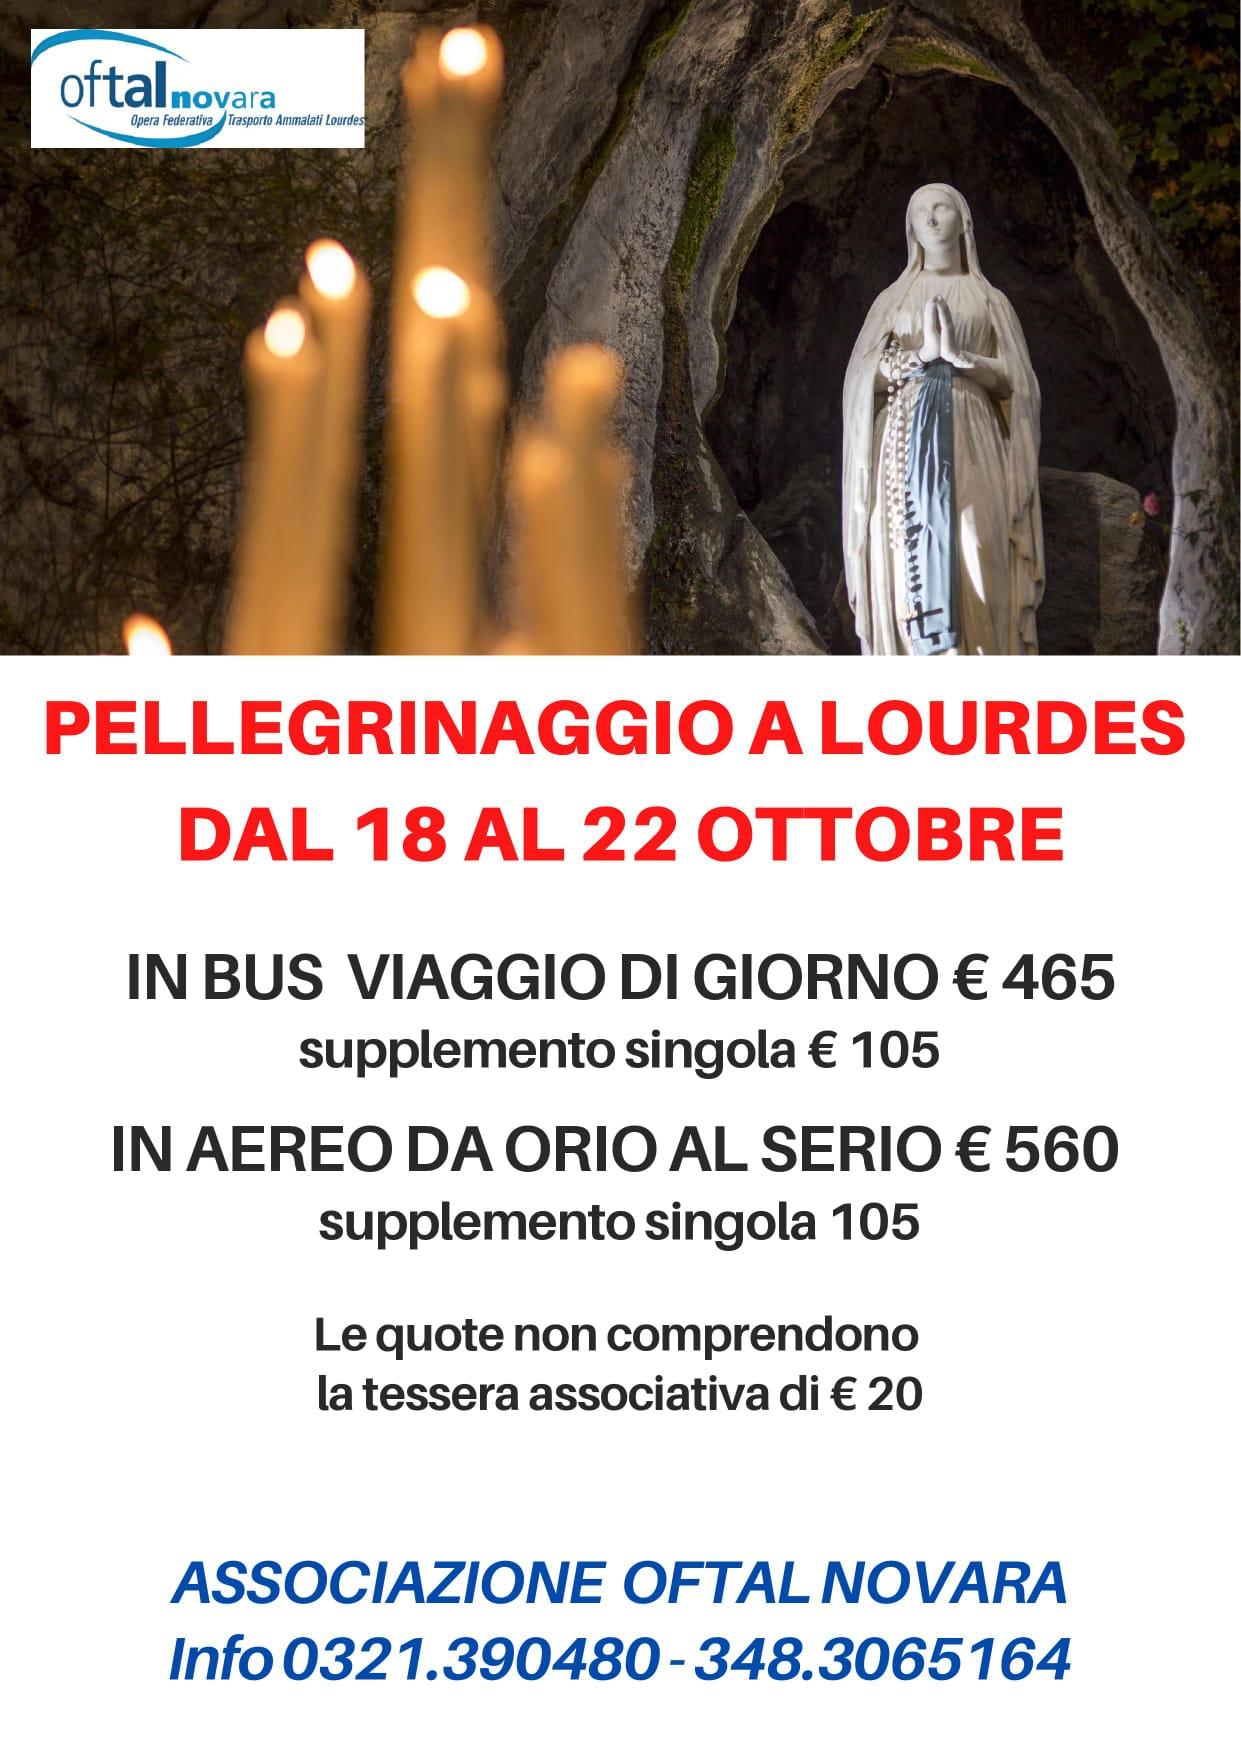 Pellegrinaggio a Lourdes 2021